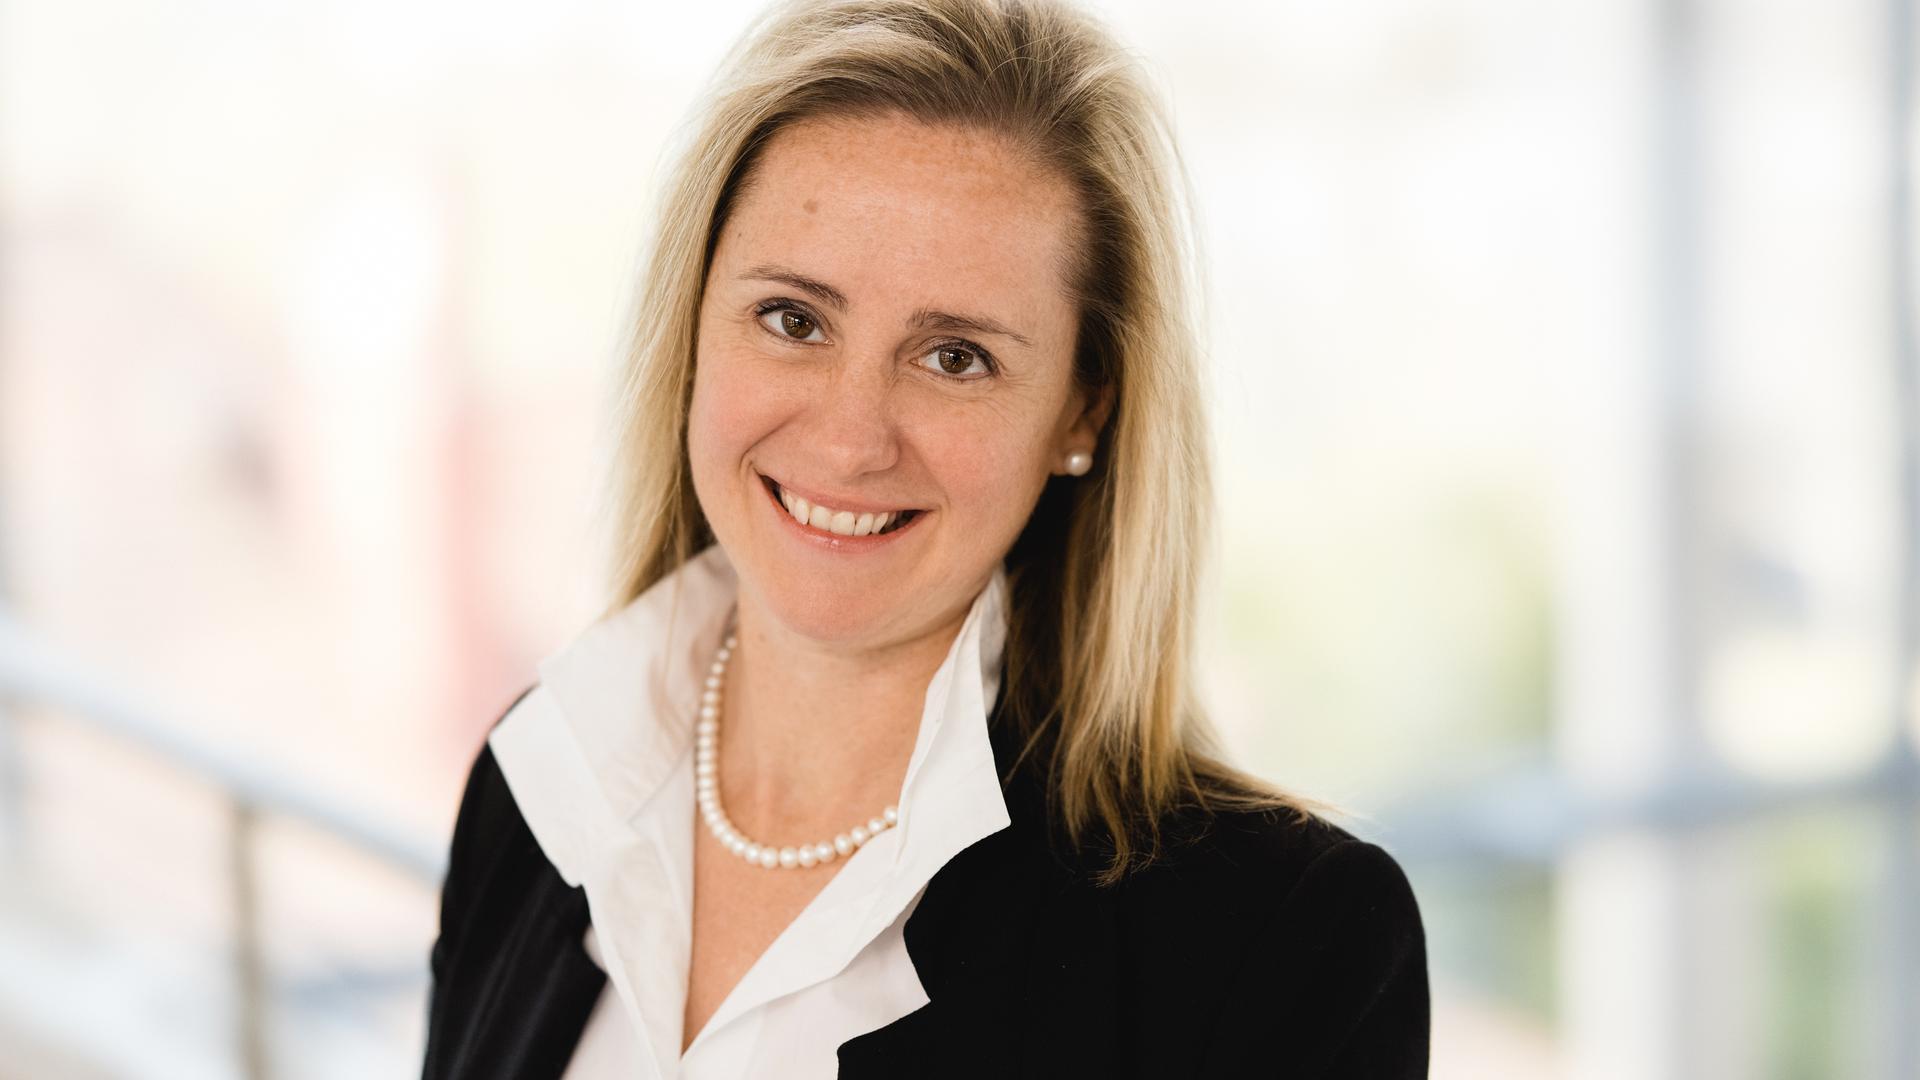 Tanja Zorn, ab 2021 Tourismusinformation Pforzheim, Wirtschaft und Stadtmarketing (WSP)